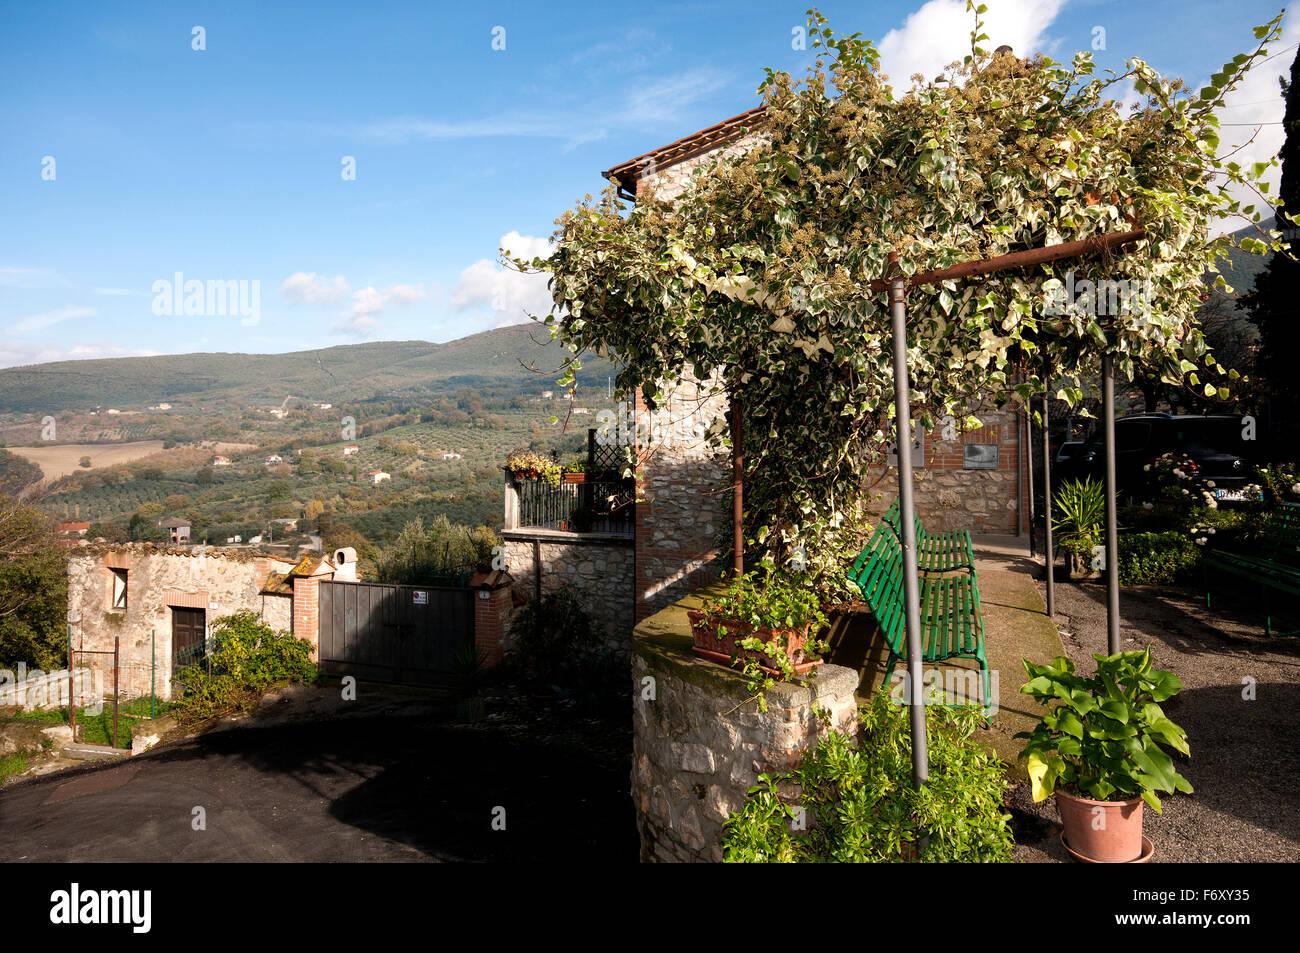 View from Montecchio, Terni, Umbria, Italy Stock Photo